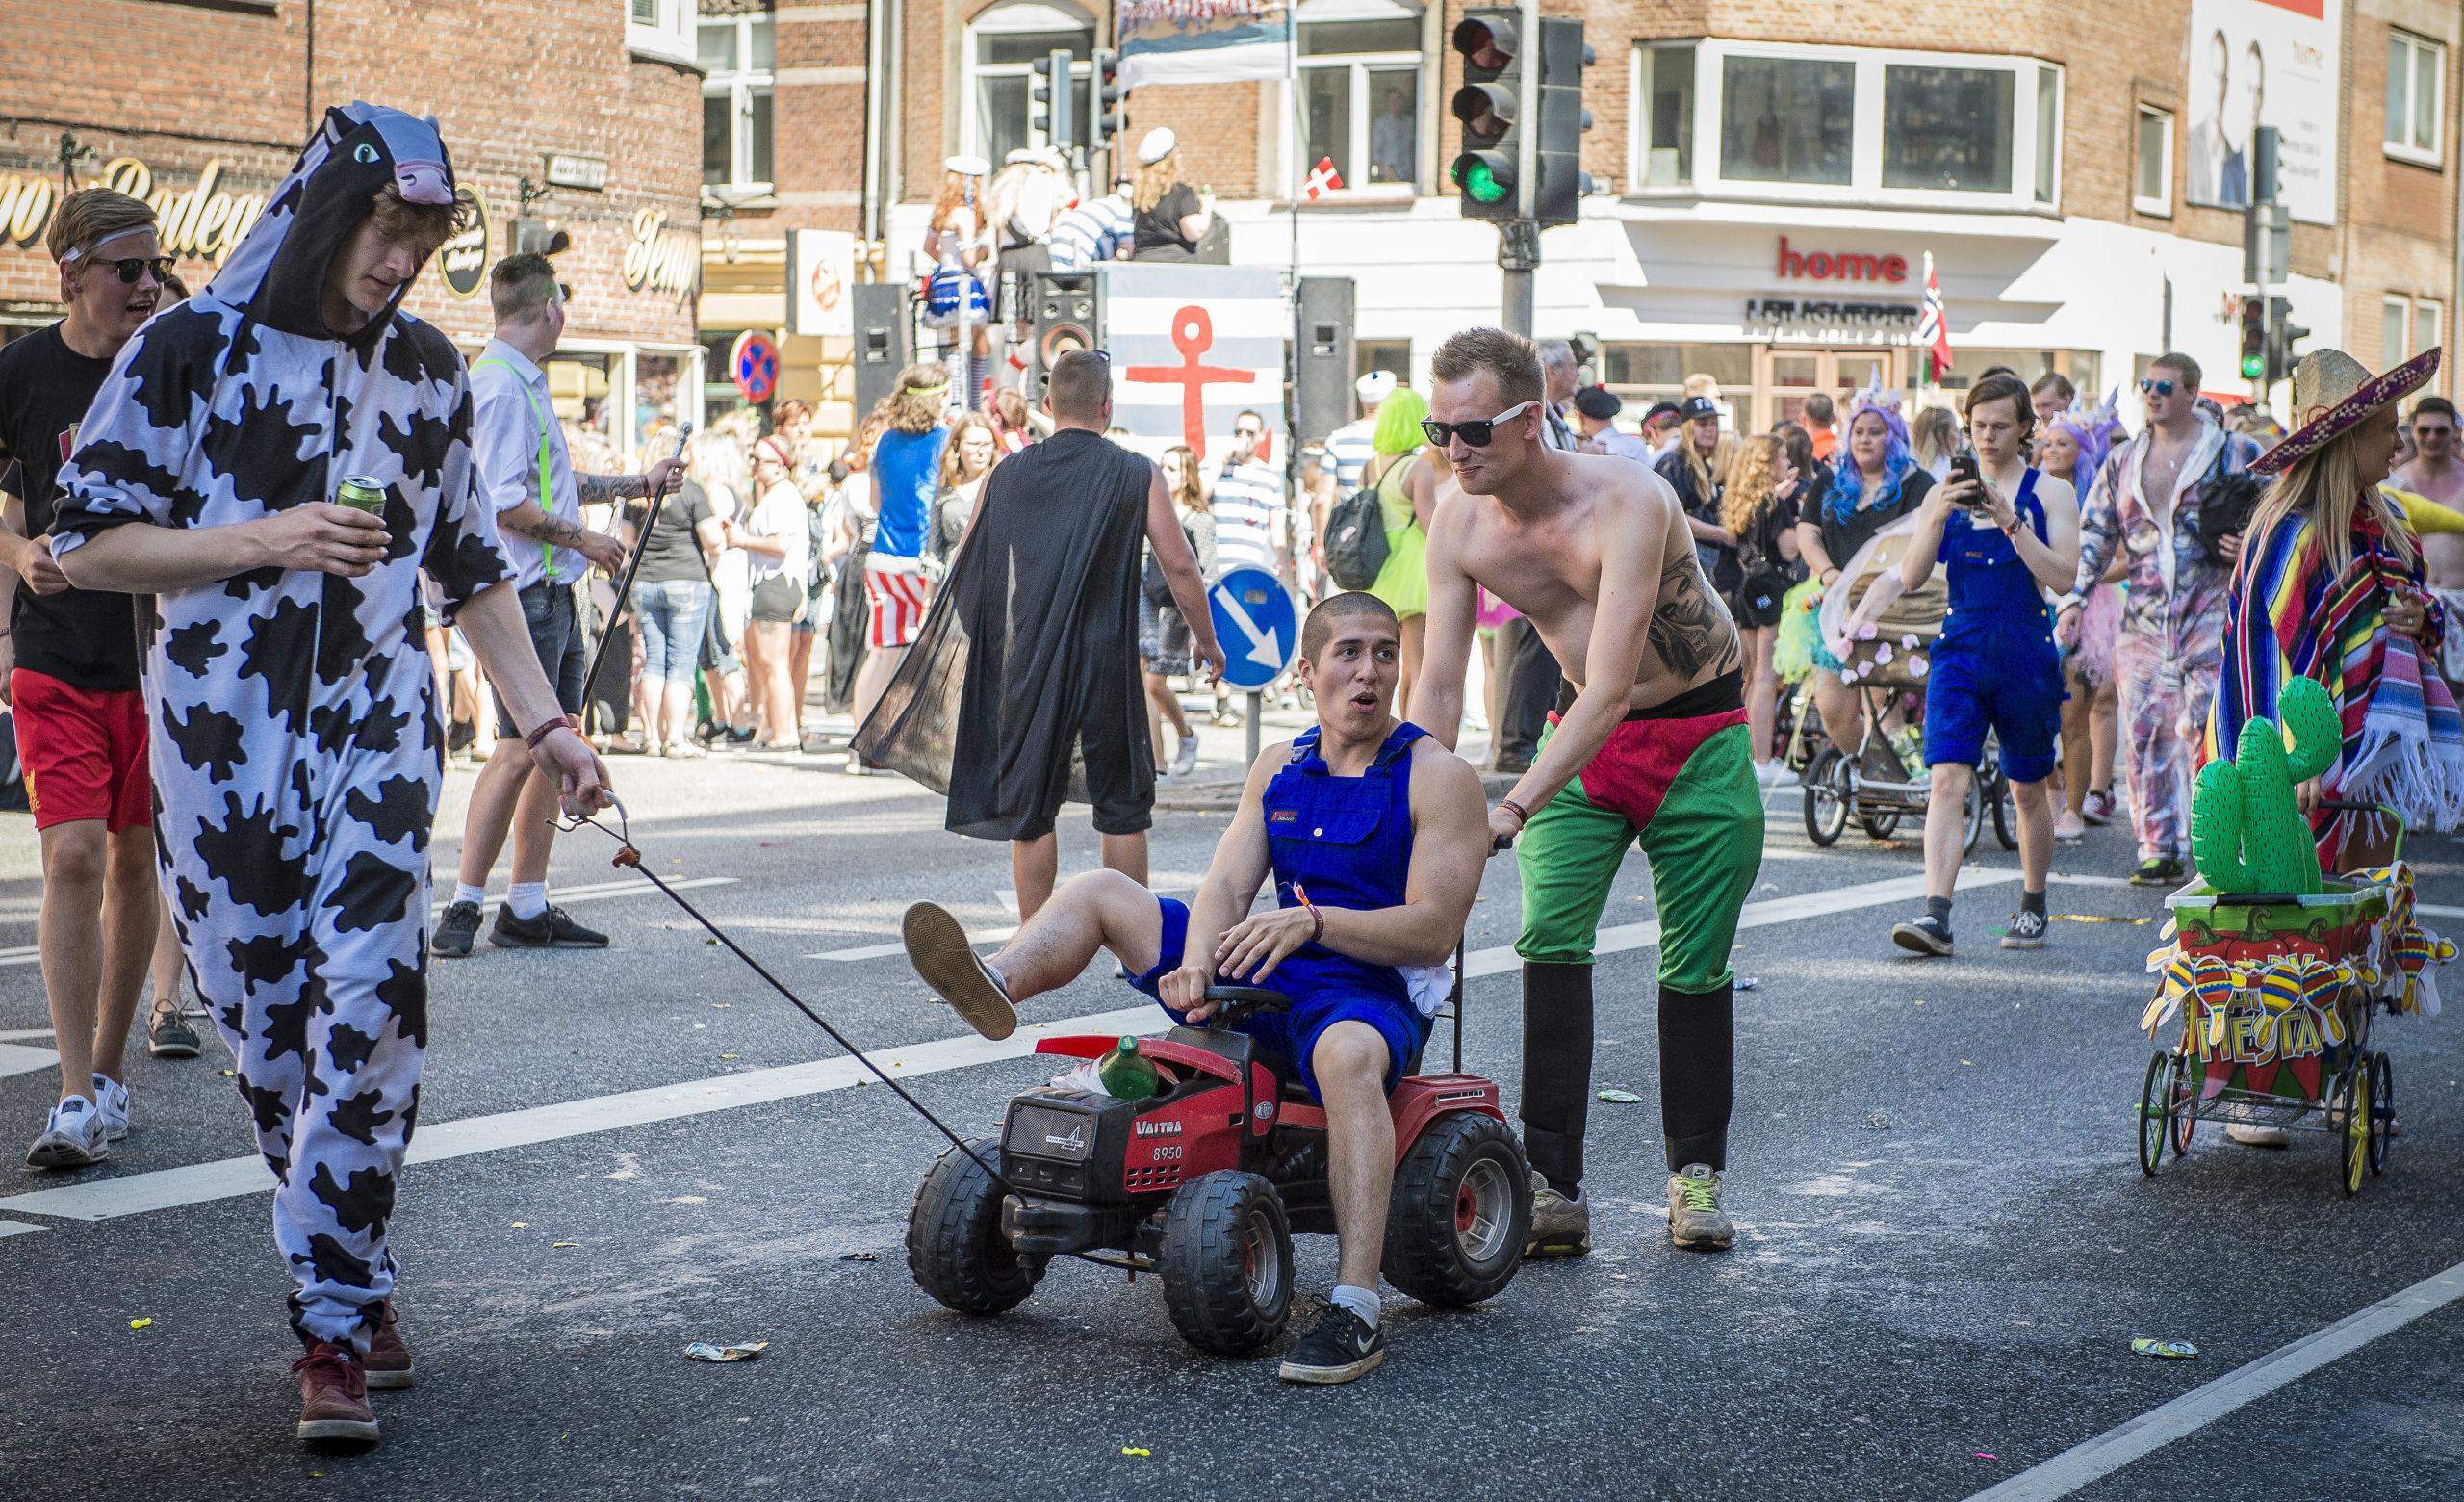 Alle kan trænge til en køretur ... Også togene er populære på karnevalsdagen, derfor sætter DSB ekstra vogne ind. Arkivfoto: Martin Damgård